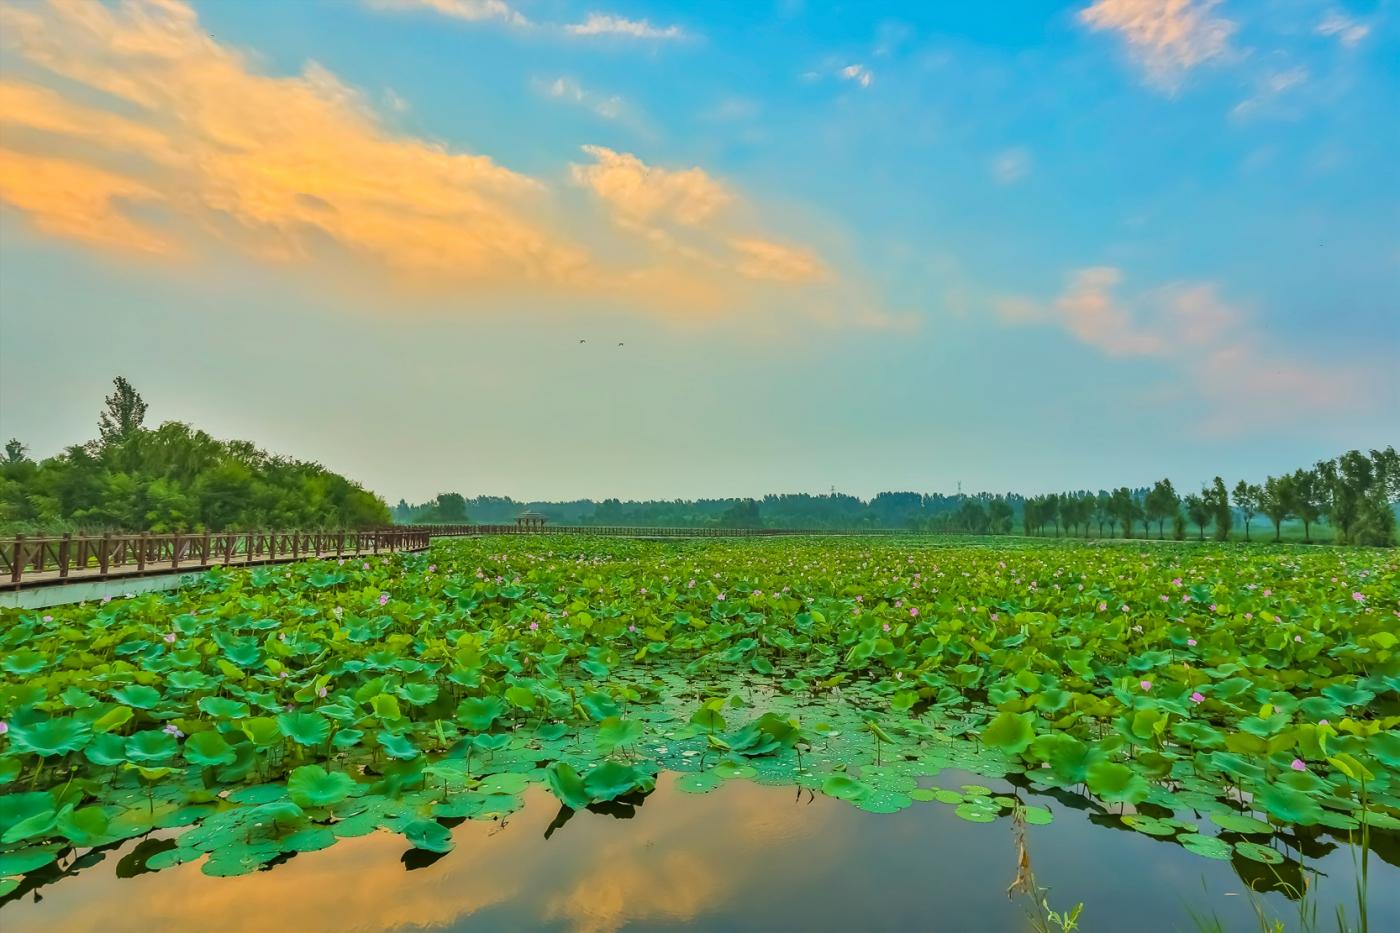 早晨的祥云印照下的临沂黄山武河湿地红荷园_图1-8